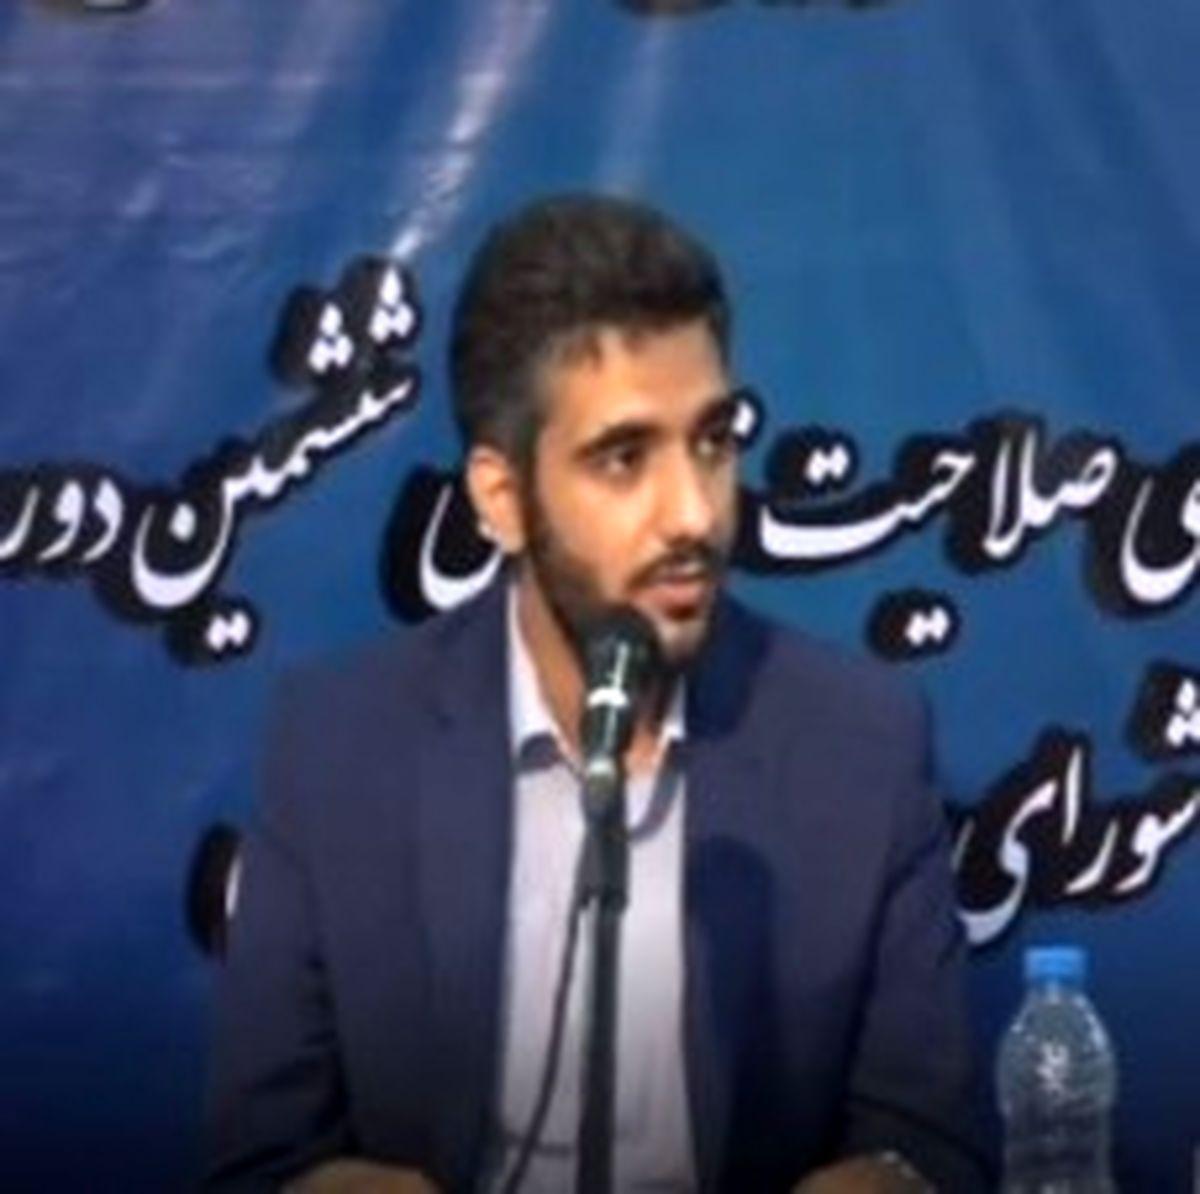 سرپرست مدیریت روابط عمومی دانشگاه علوم پزشکی مشهد منصوب شد